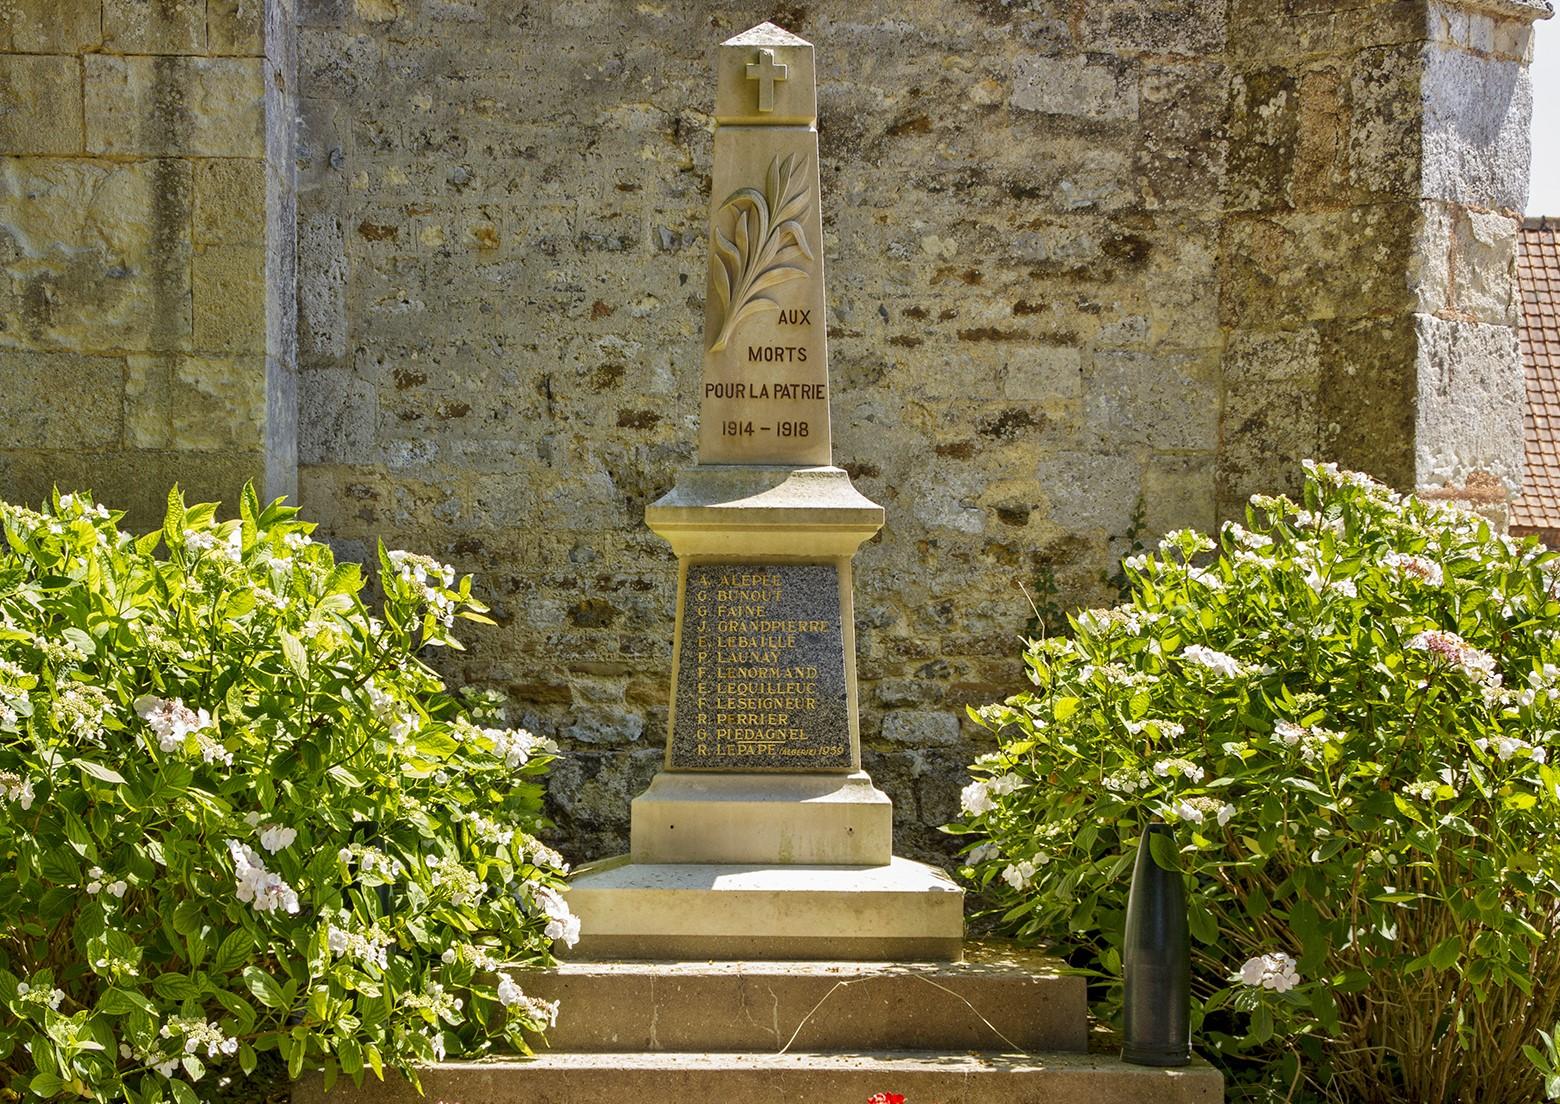 Surville_monument_aux_morts_2